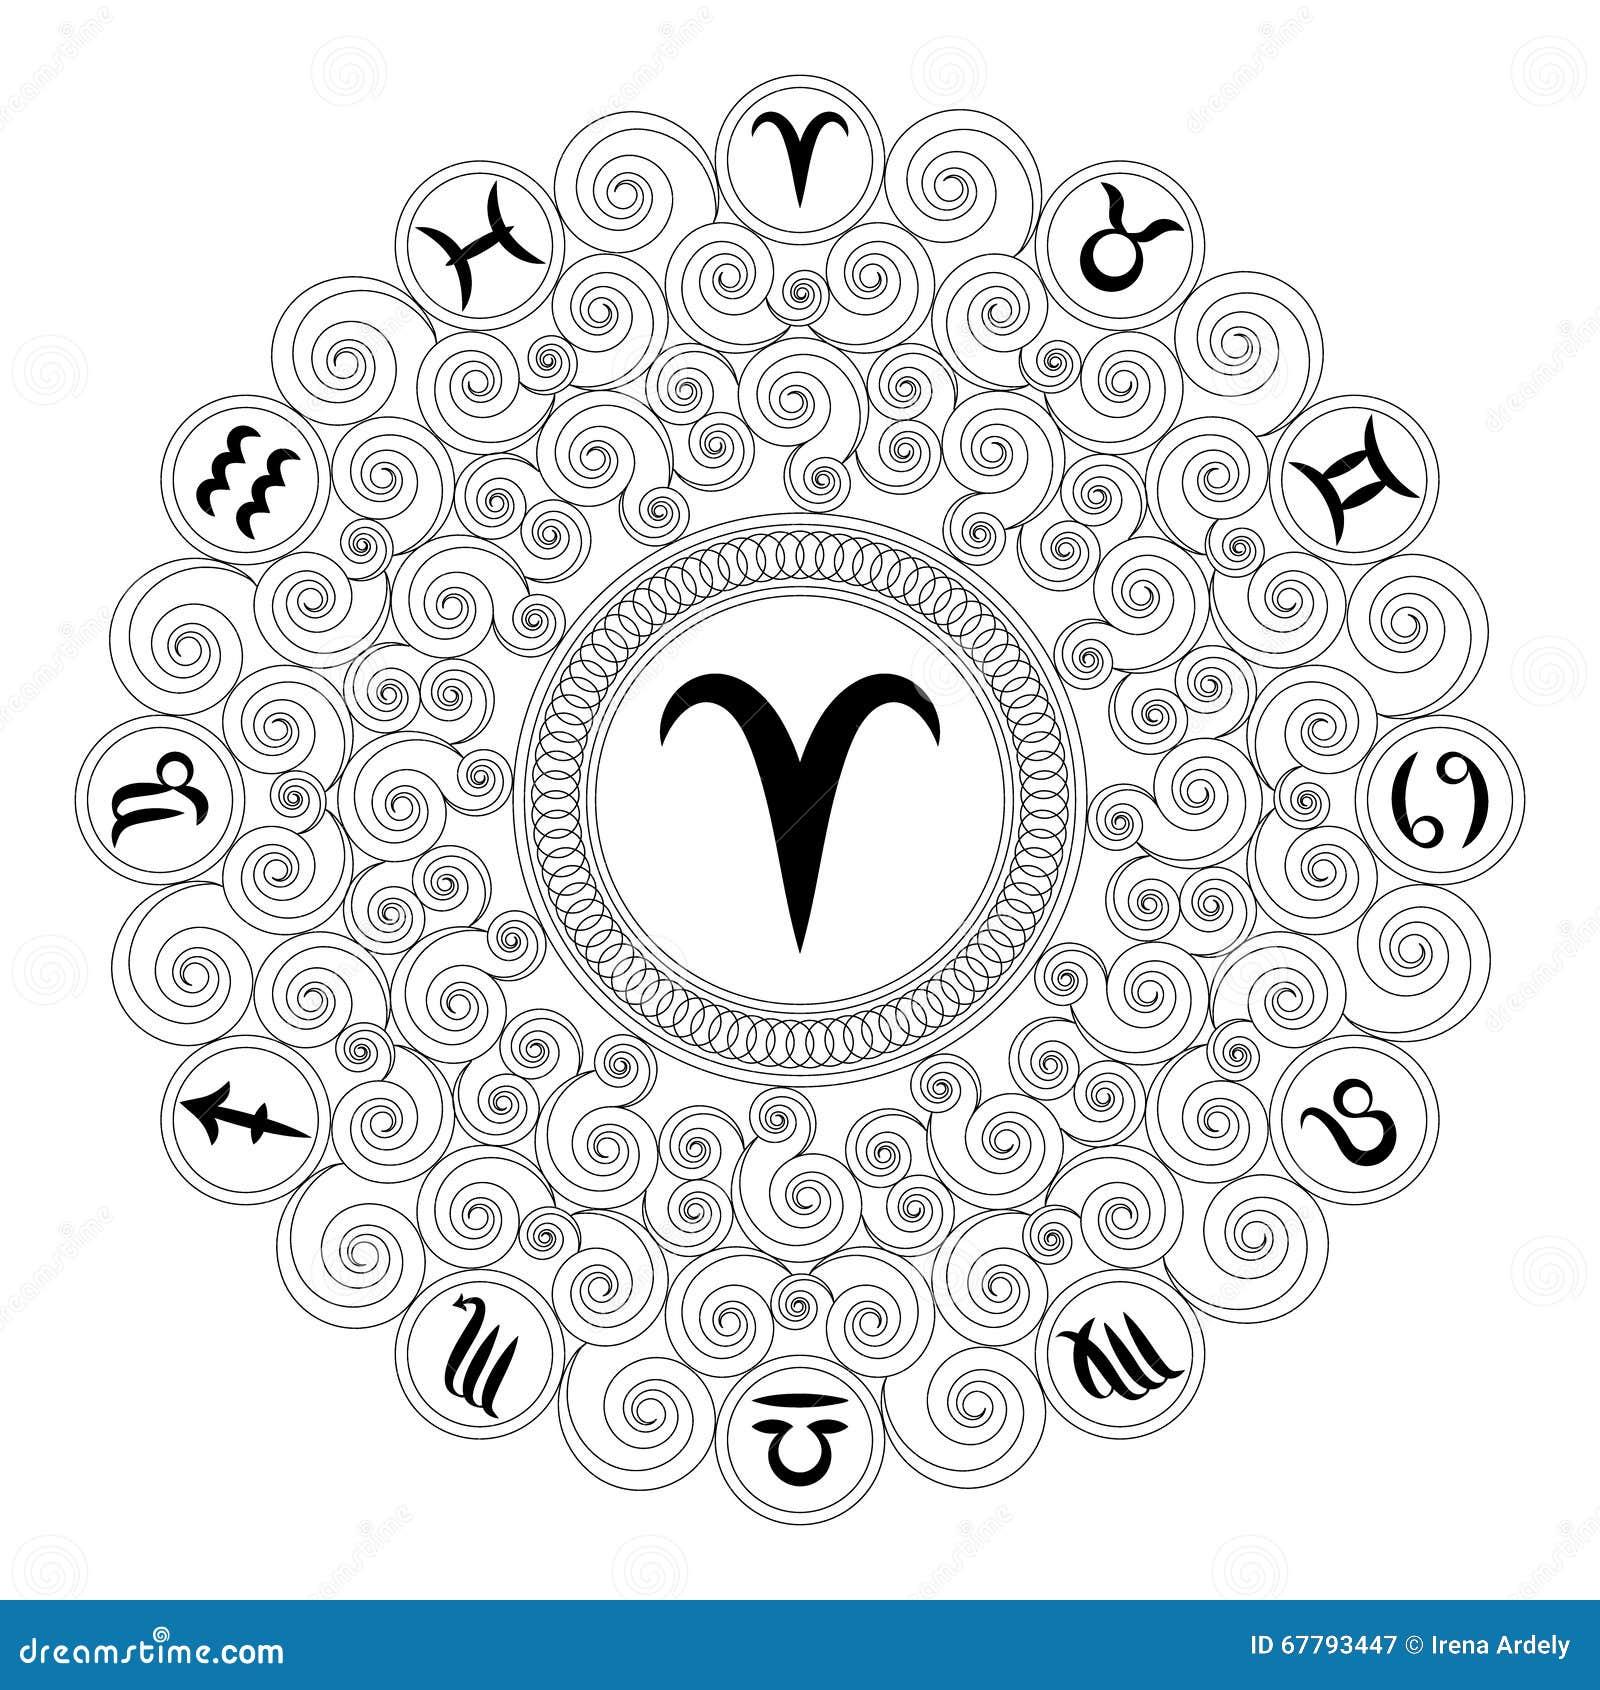 Coloriage Adulte Blanc.Mandala Rond Noir Et Blanc Avec Le Symbole De Zodiaque Du Belier